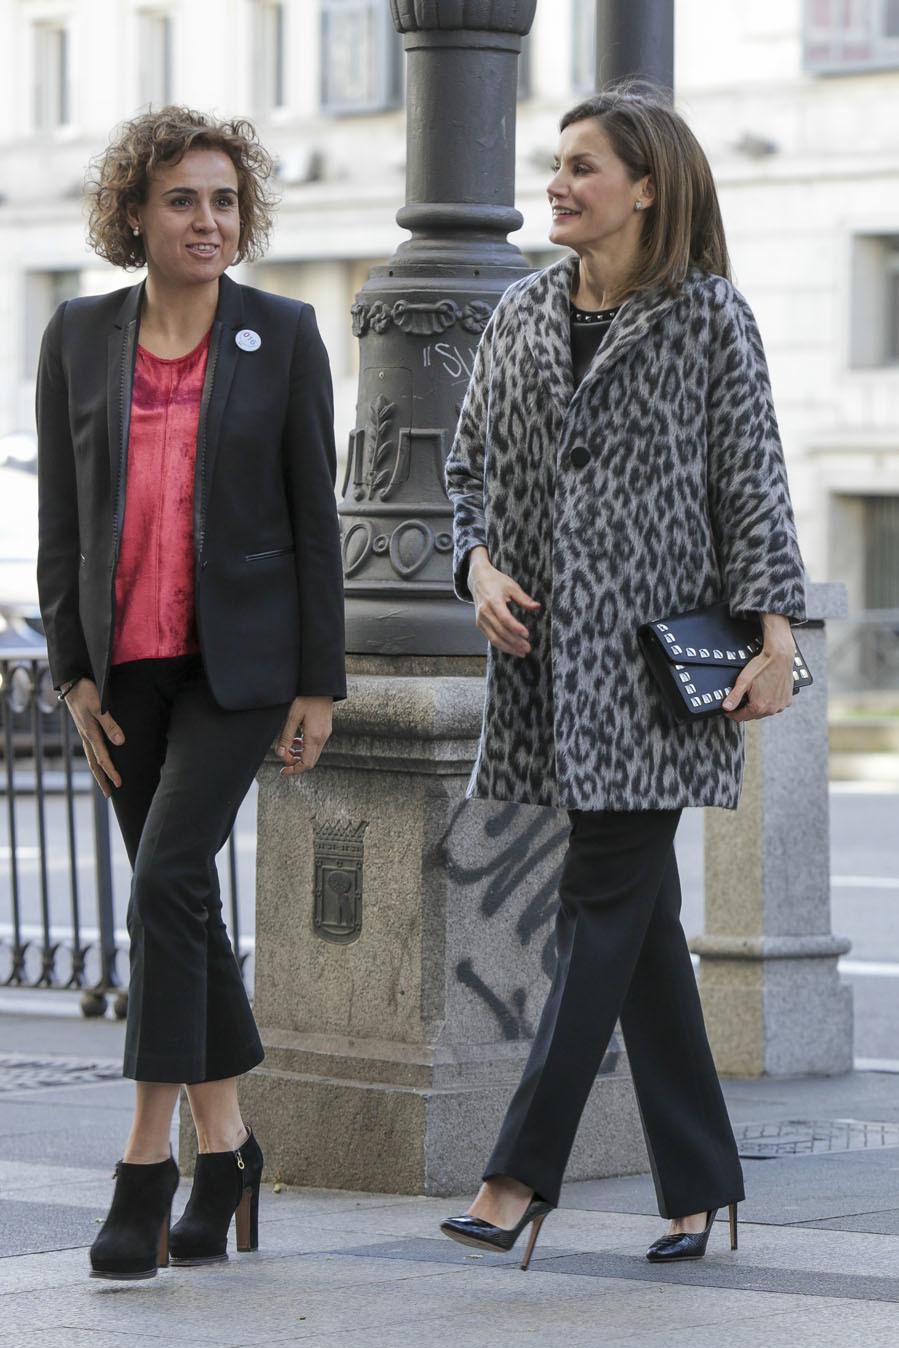 La Reina Letizia llegando a la reunión de trabajo con 'look' en tonos oscuros